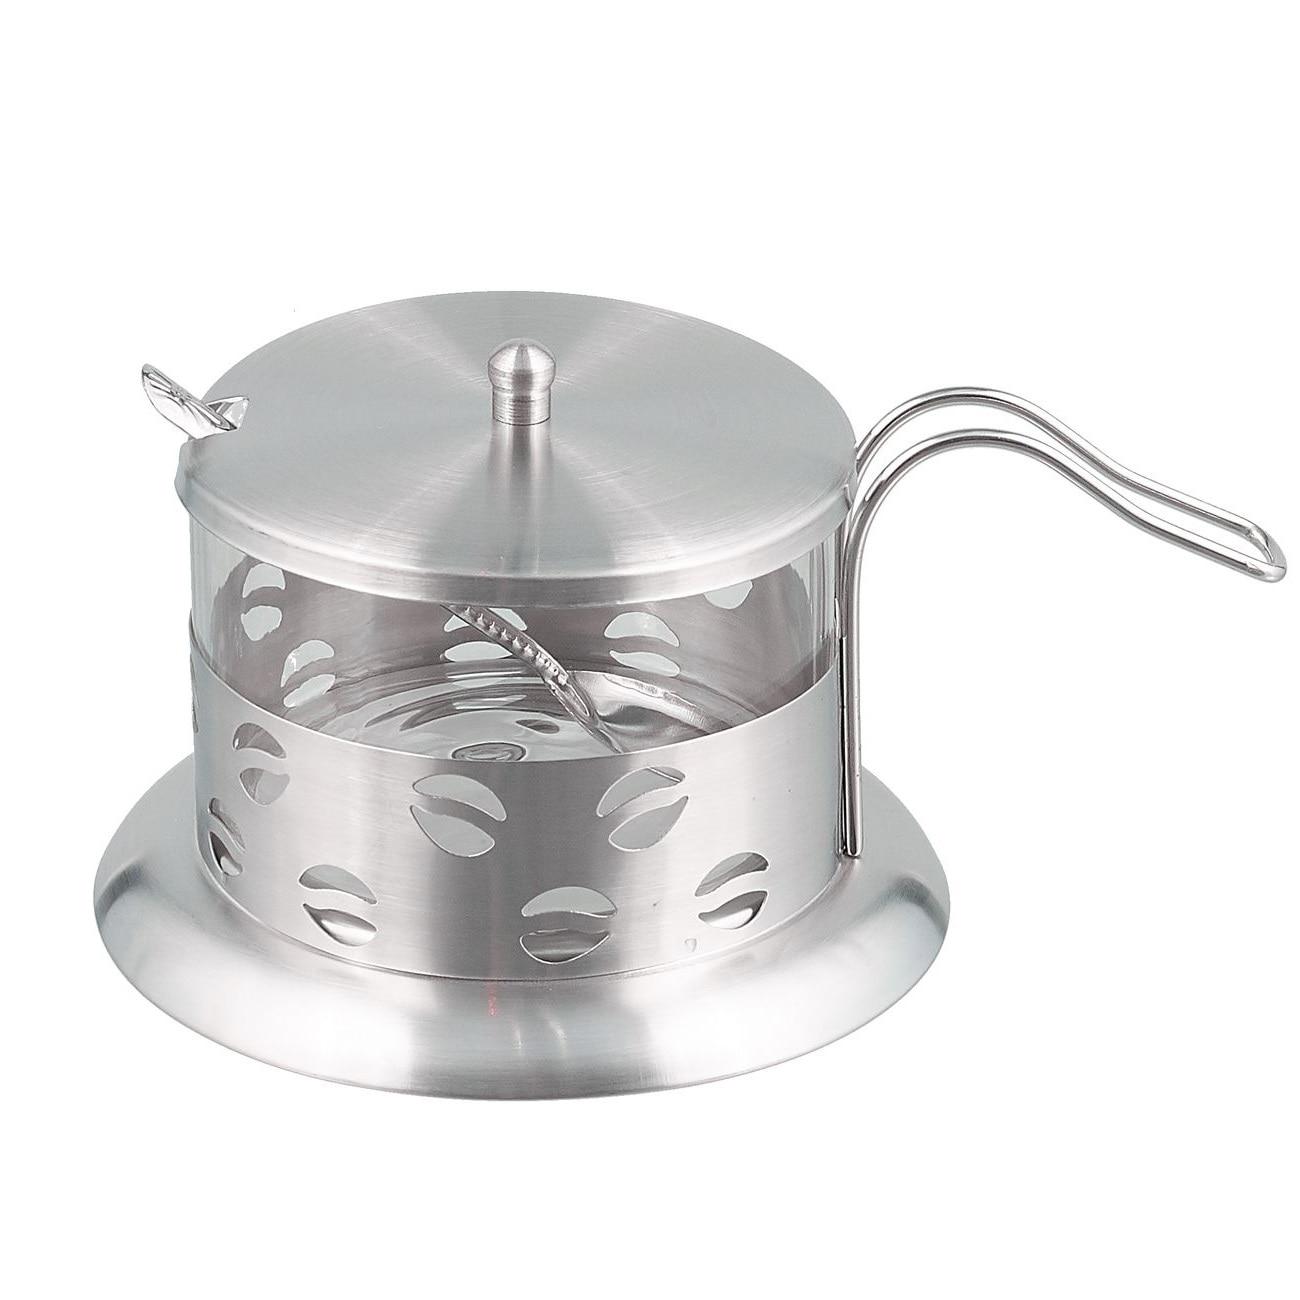 Sugar Bowl TECO, 200 ml, with spoon